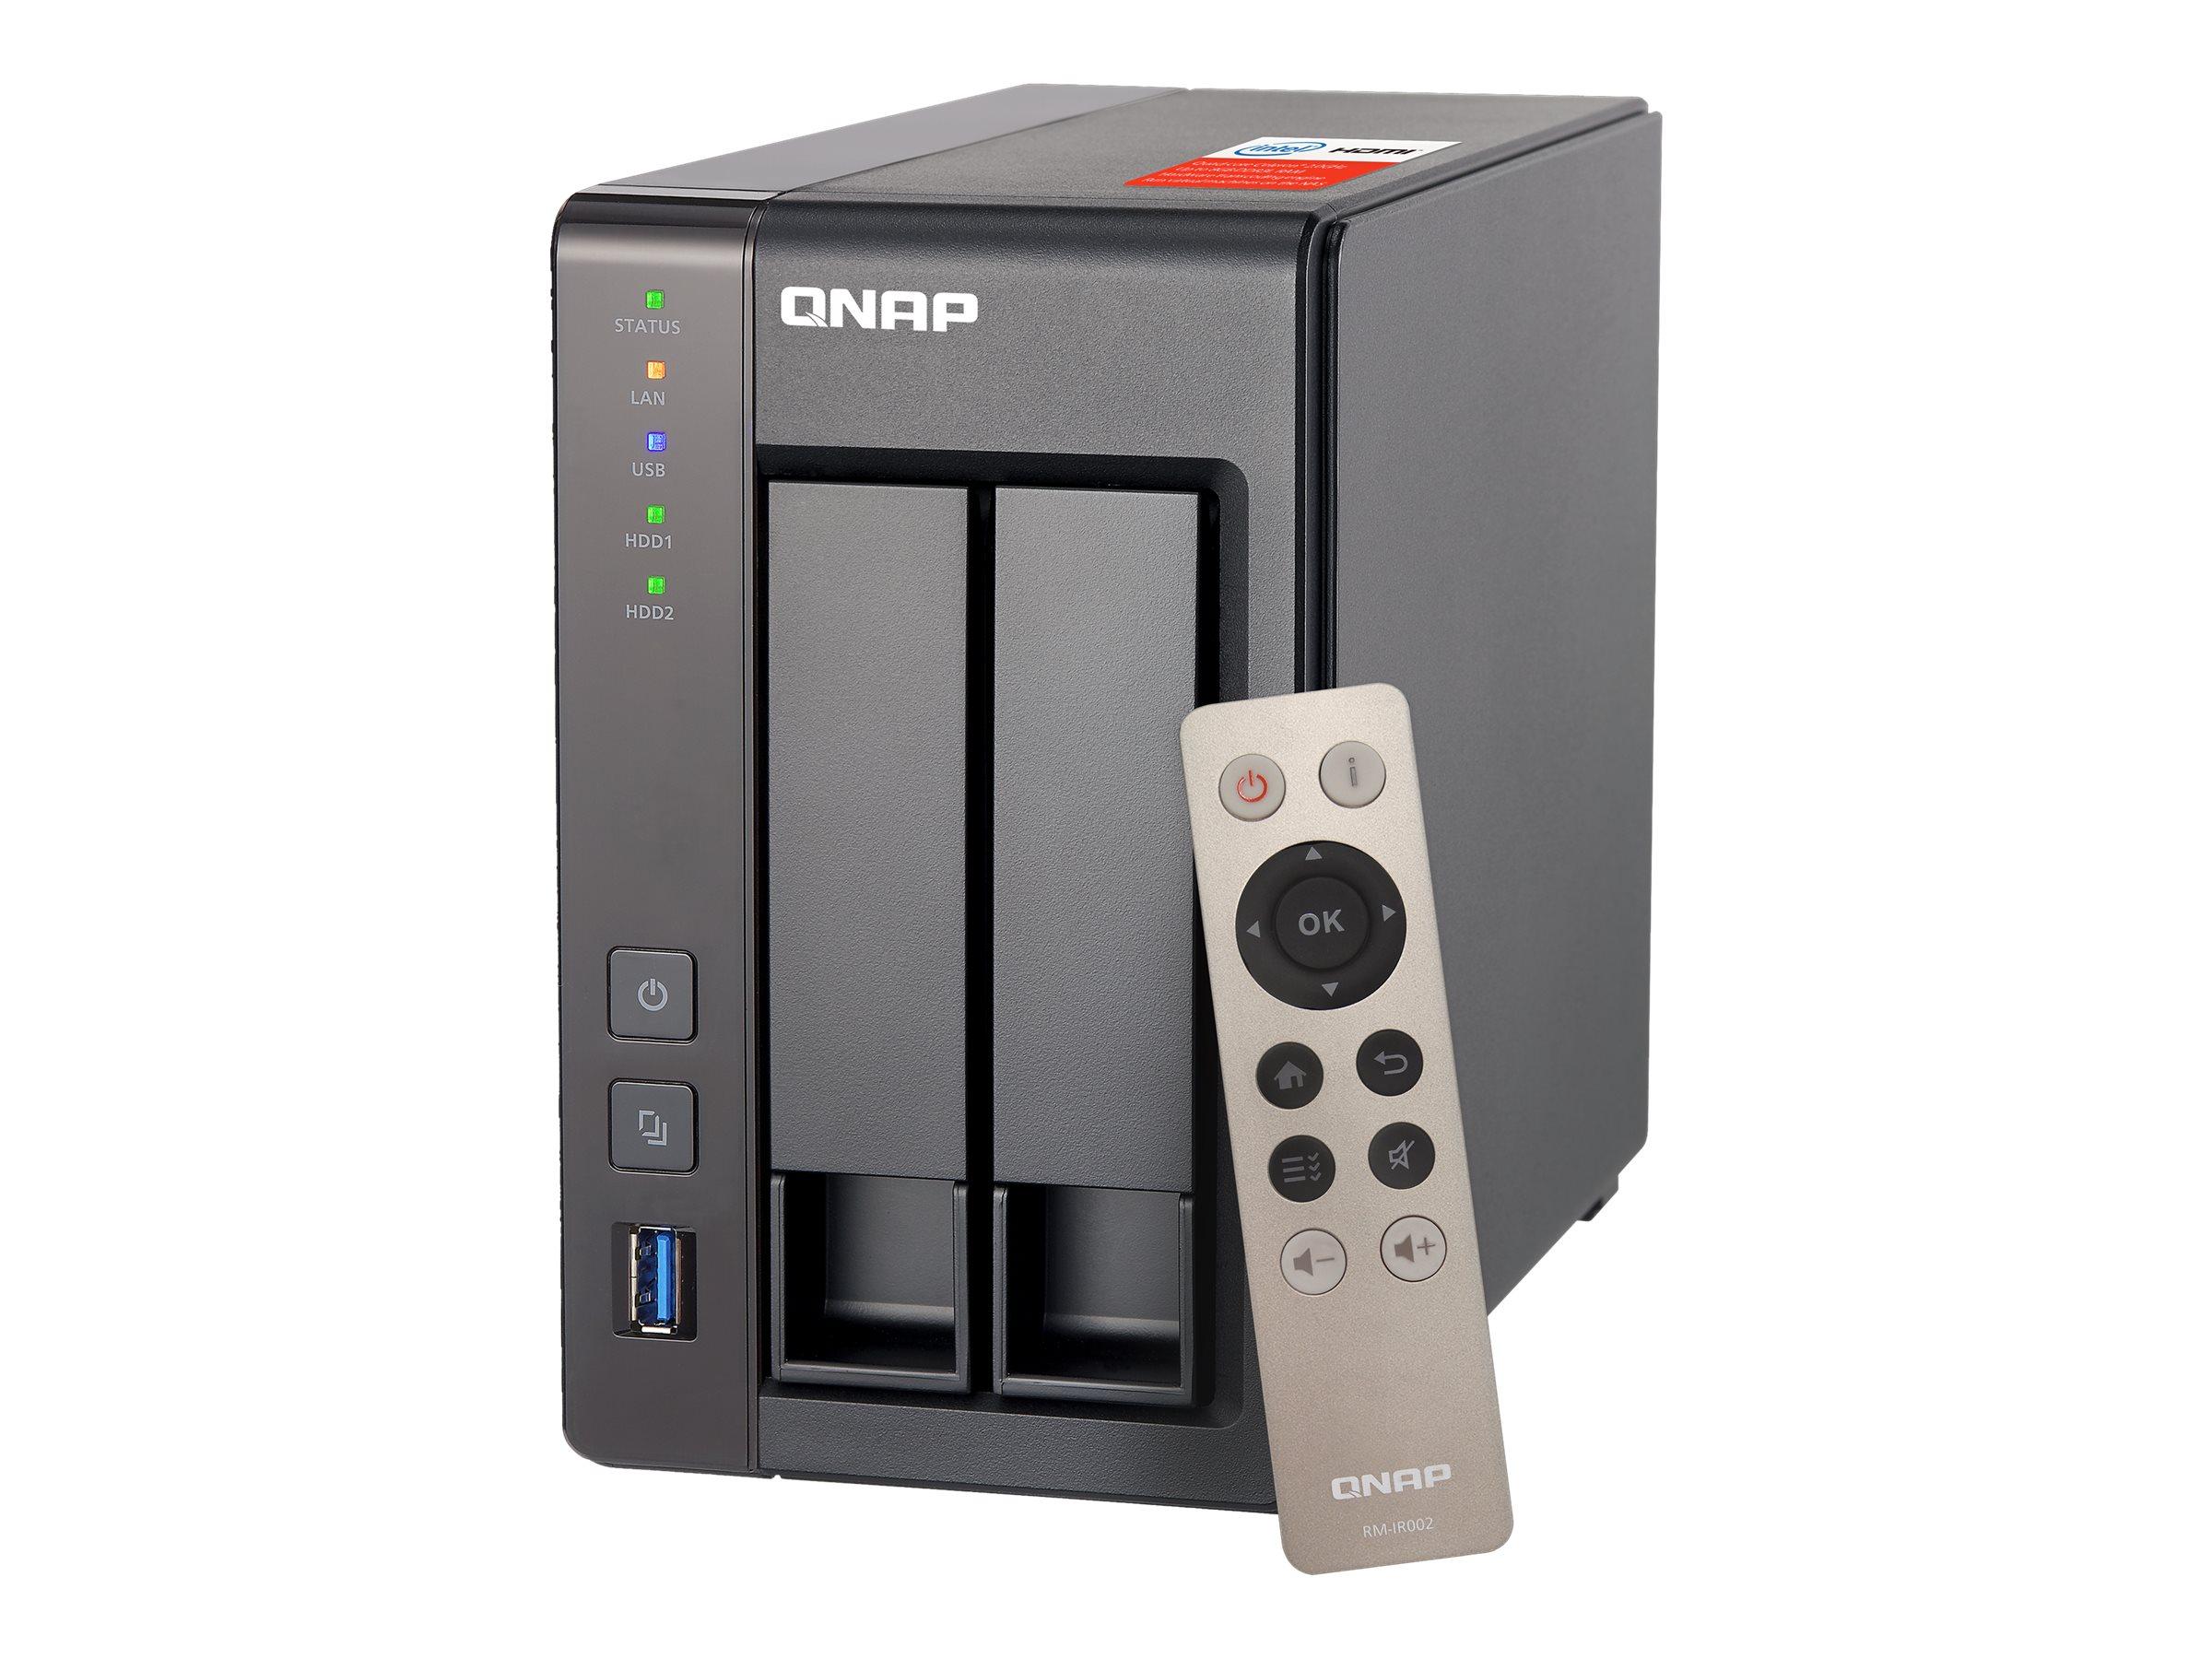 Qnap ts 251 nas server 2 schaechte 4 tb sata 6gb s hdd 2 tb x 2 6480337 ts 251 2g 2x st2000vn004